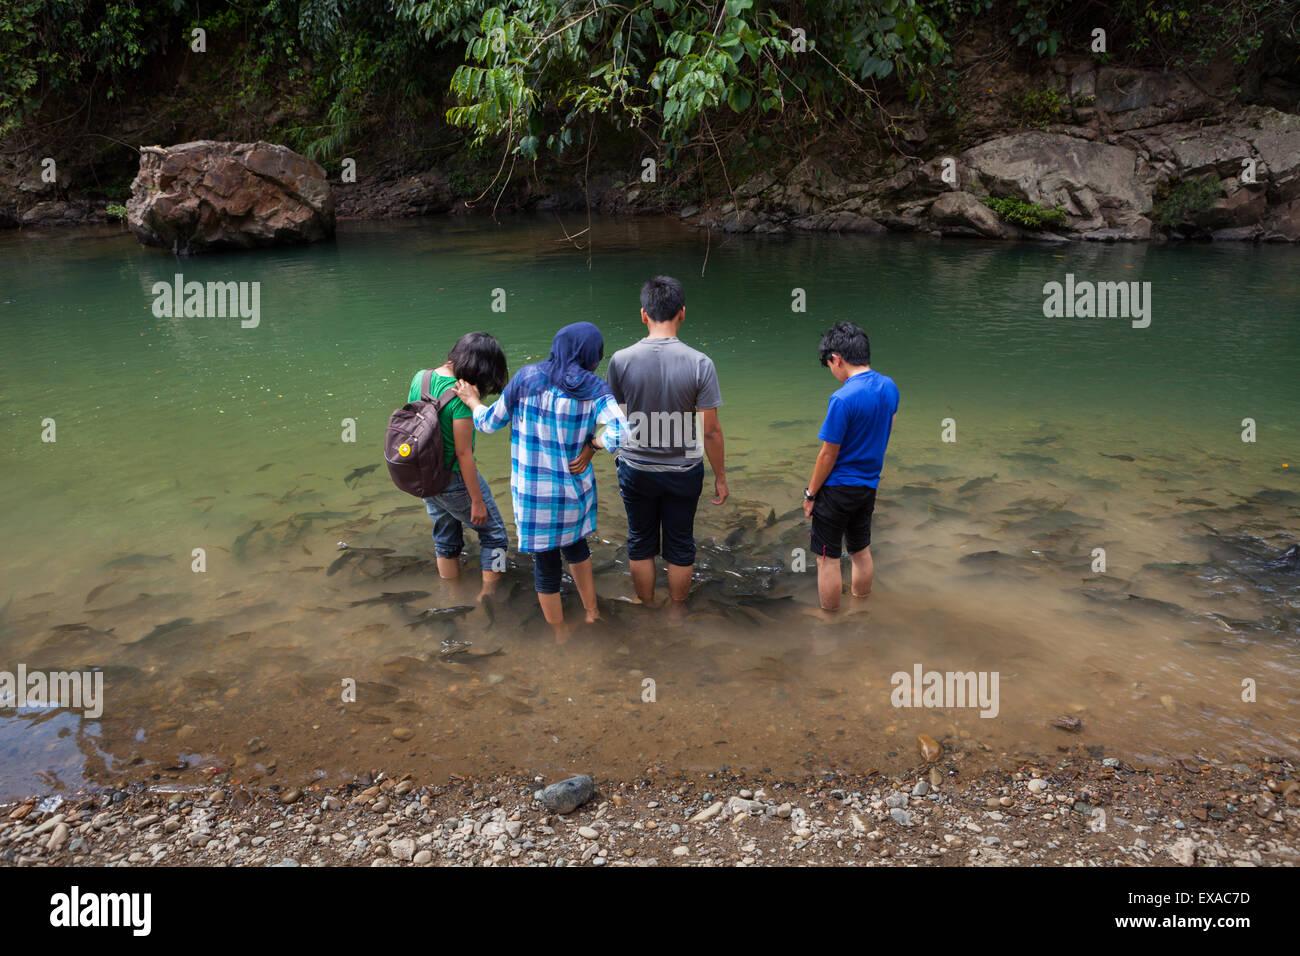 Group of people enjoying fish massage in Kampung Luanti, Sabah, Malaysia. - Stock Image